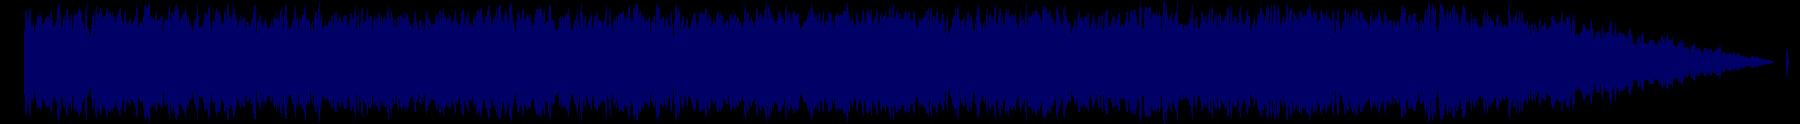 waveform of track #69642